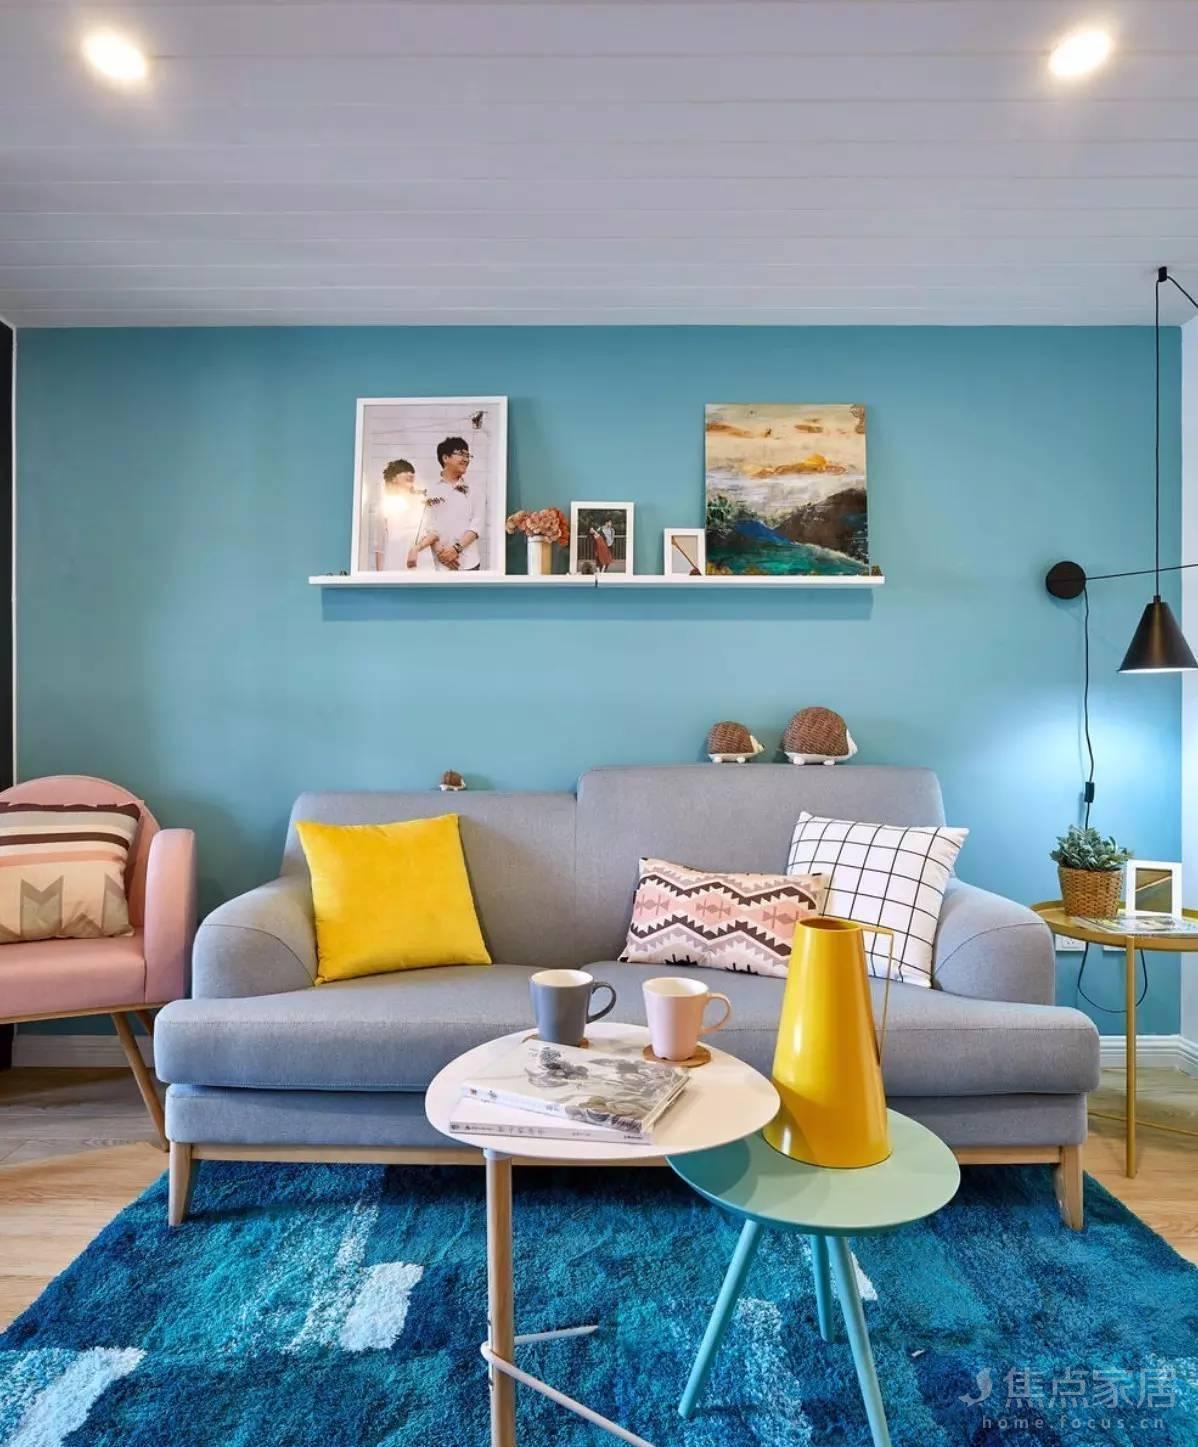 客厅沙发背景同样是孔雀蓝的墙面,地板上铺上一块深蓝色的地毯图片